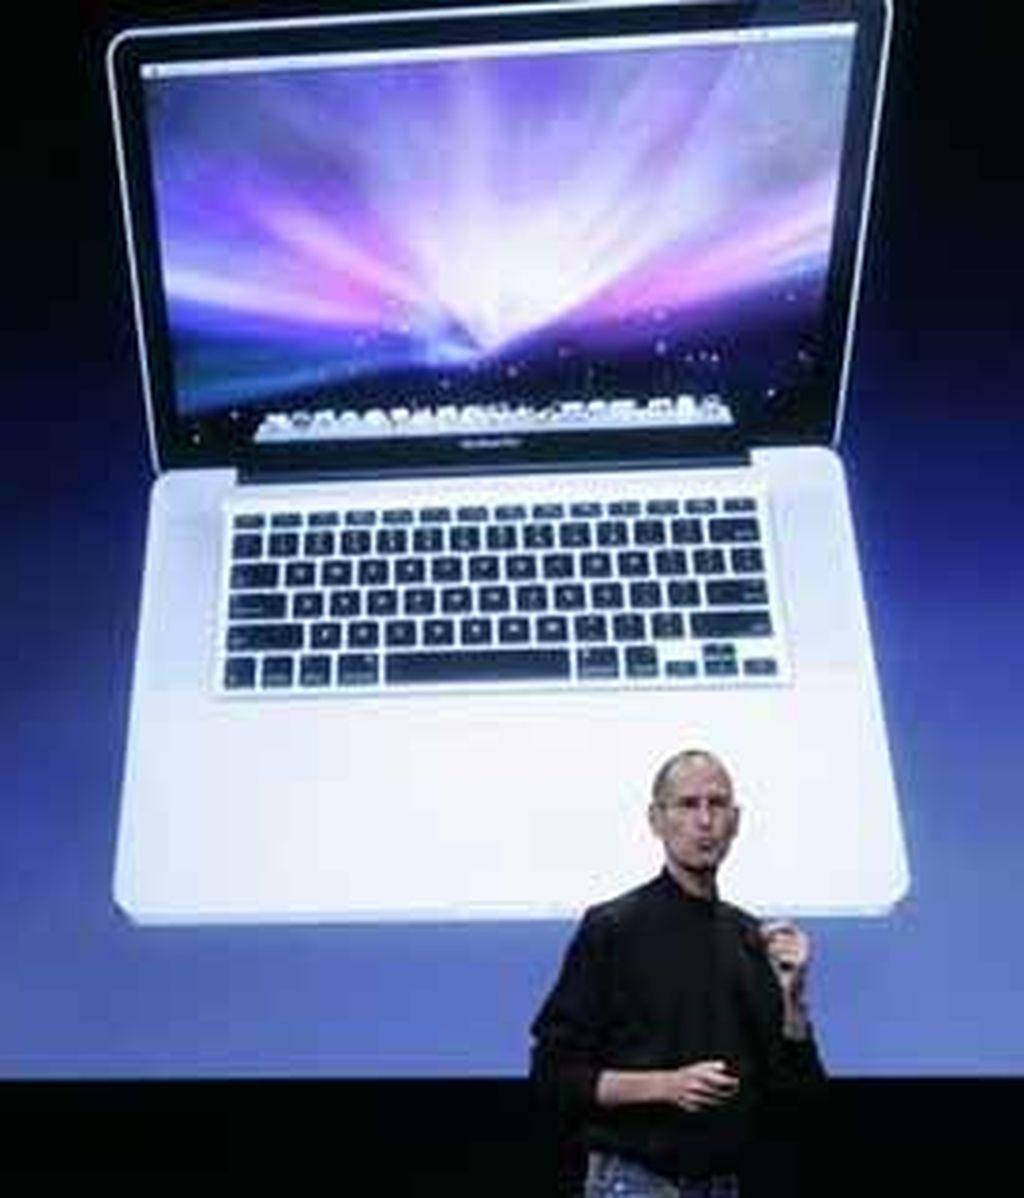 Steve Jobs durante la presentación de los nuevos modelos de Apple. Foto: AP